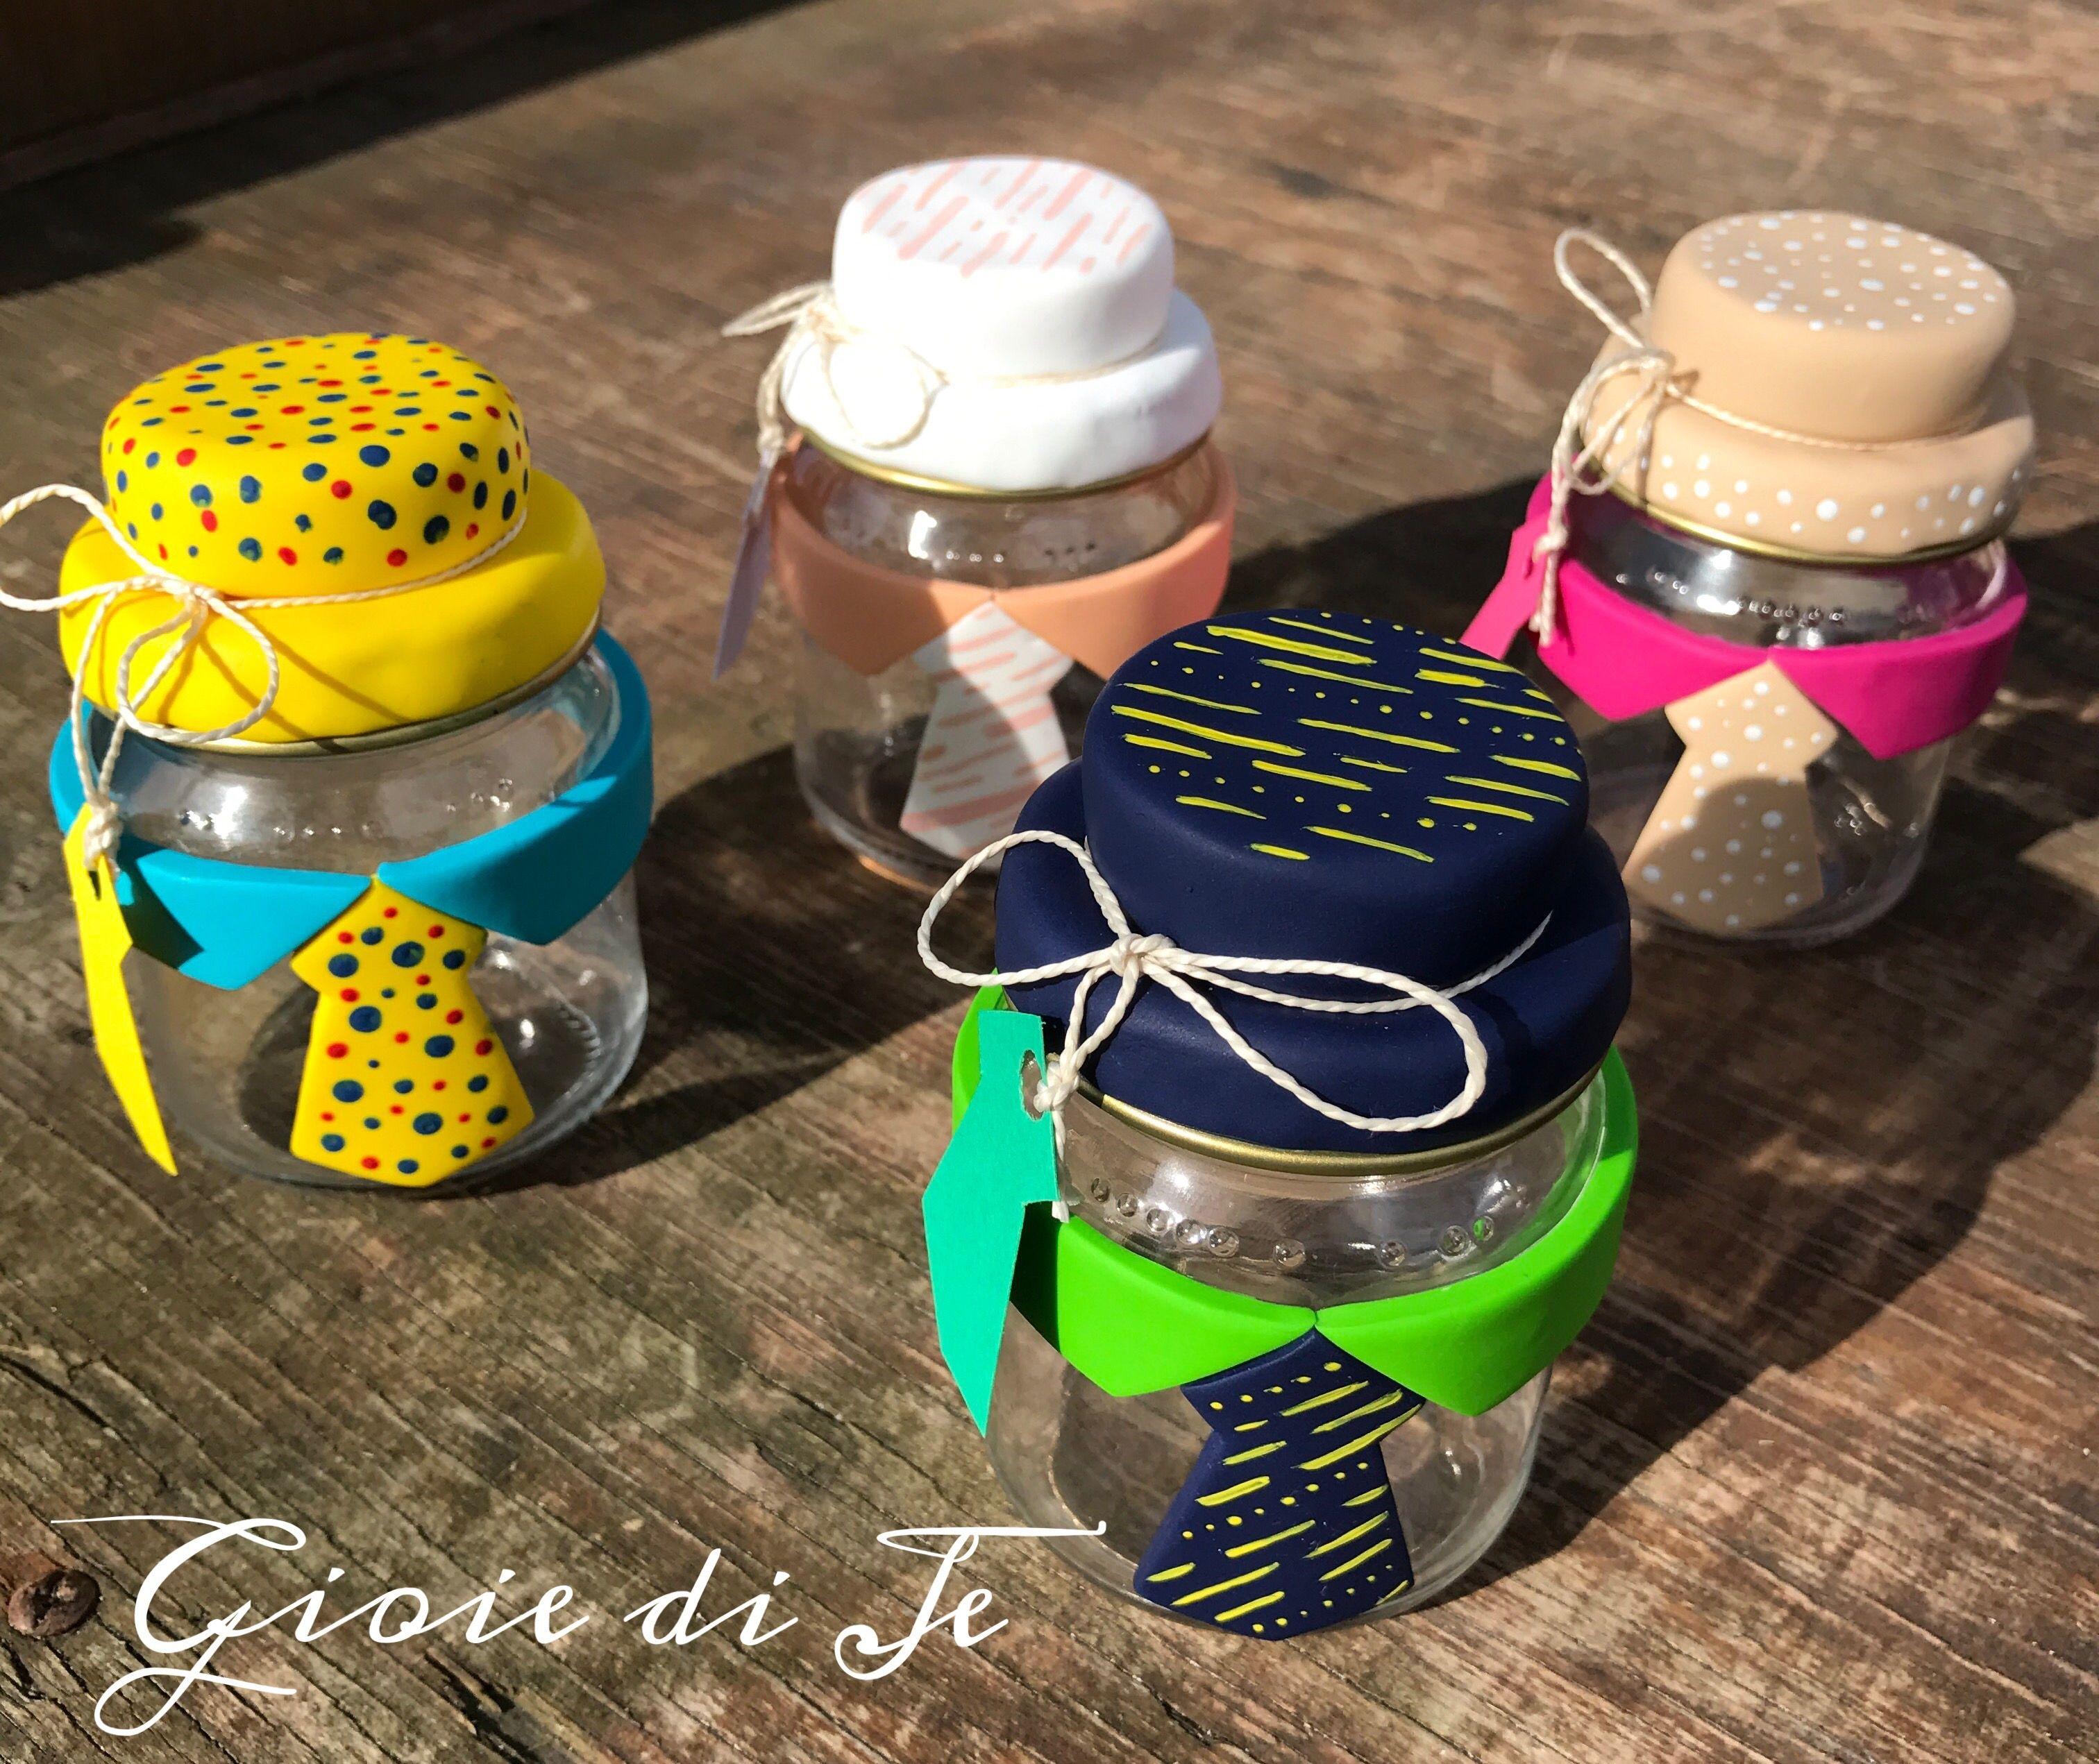 Vasetti riciclati ♻️  #cravatte #fimo #polymerclay #vasetto #riciclarte #handmadewithlove #handmade #fattoamano #artigianato #pois #cool #gioiedije #fattoamanoconamore #necktie #cute #beautiful #hats #riciclo #riciclocreativo